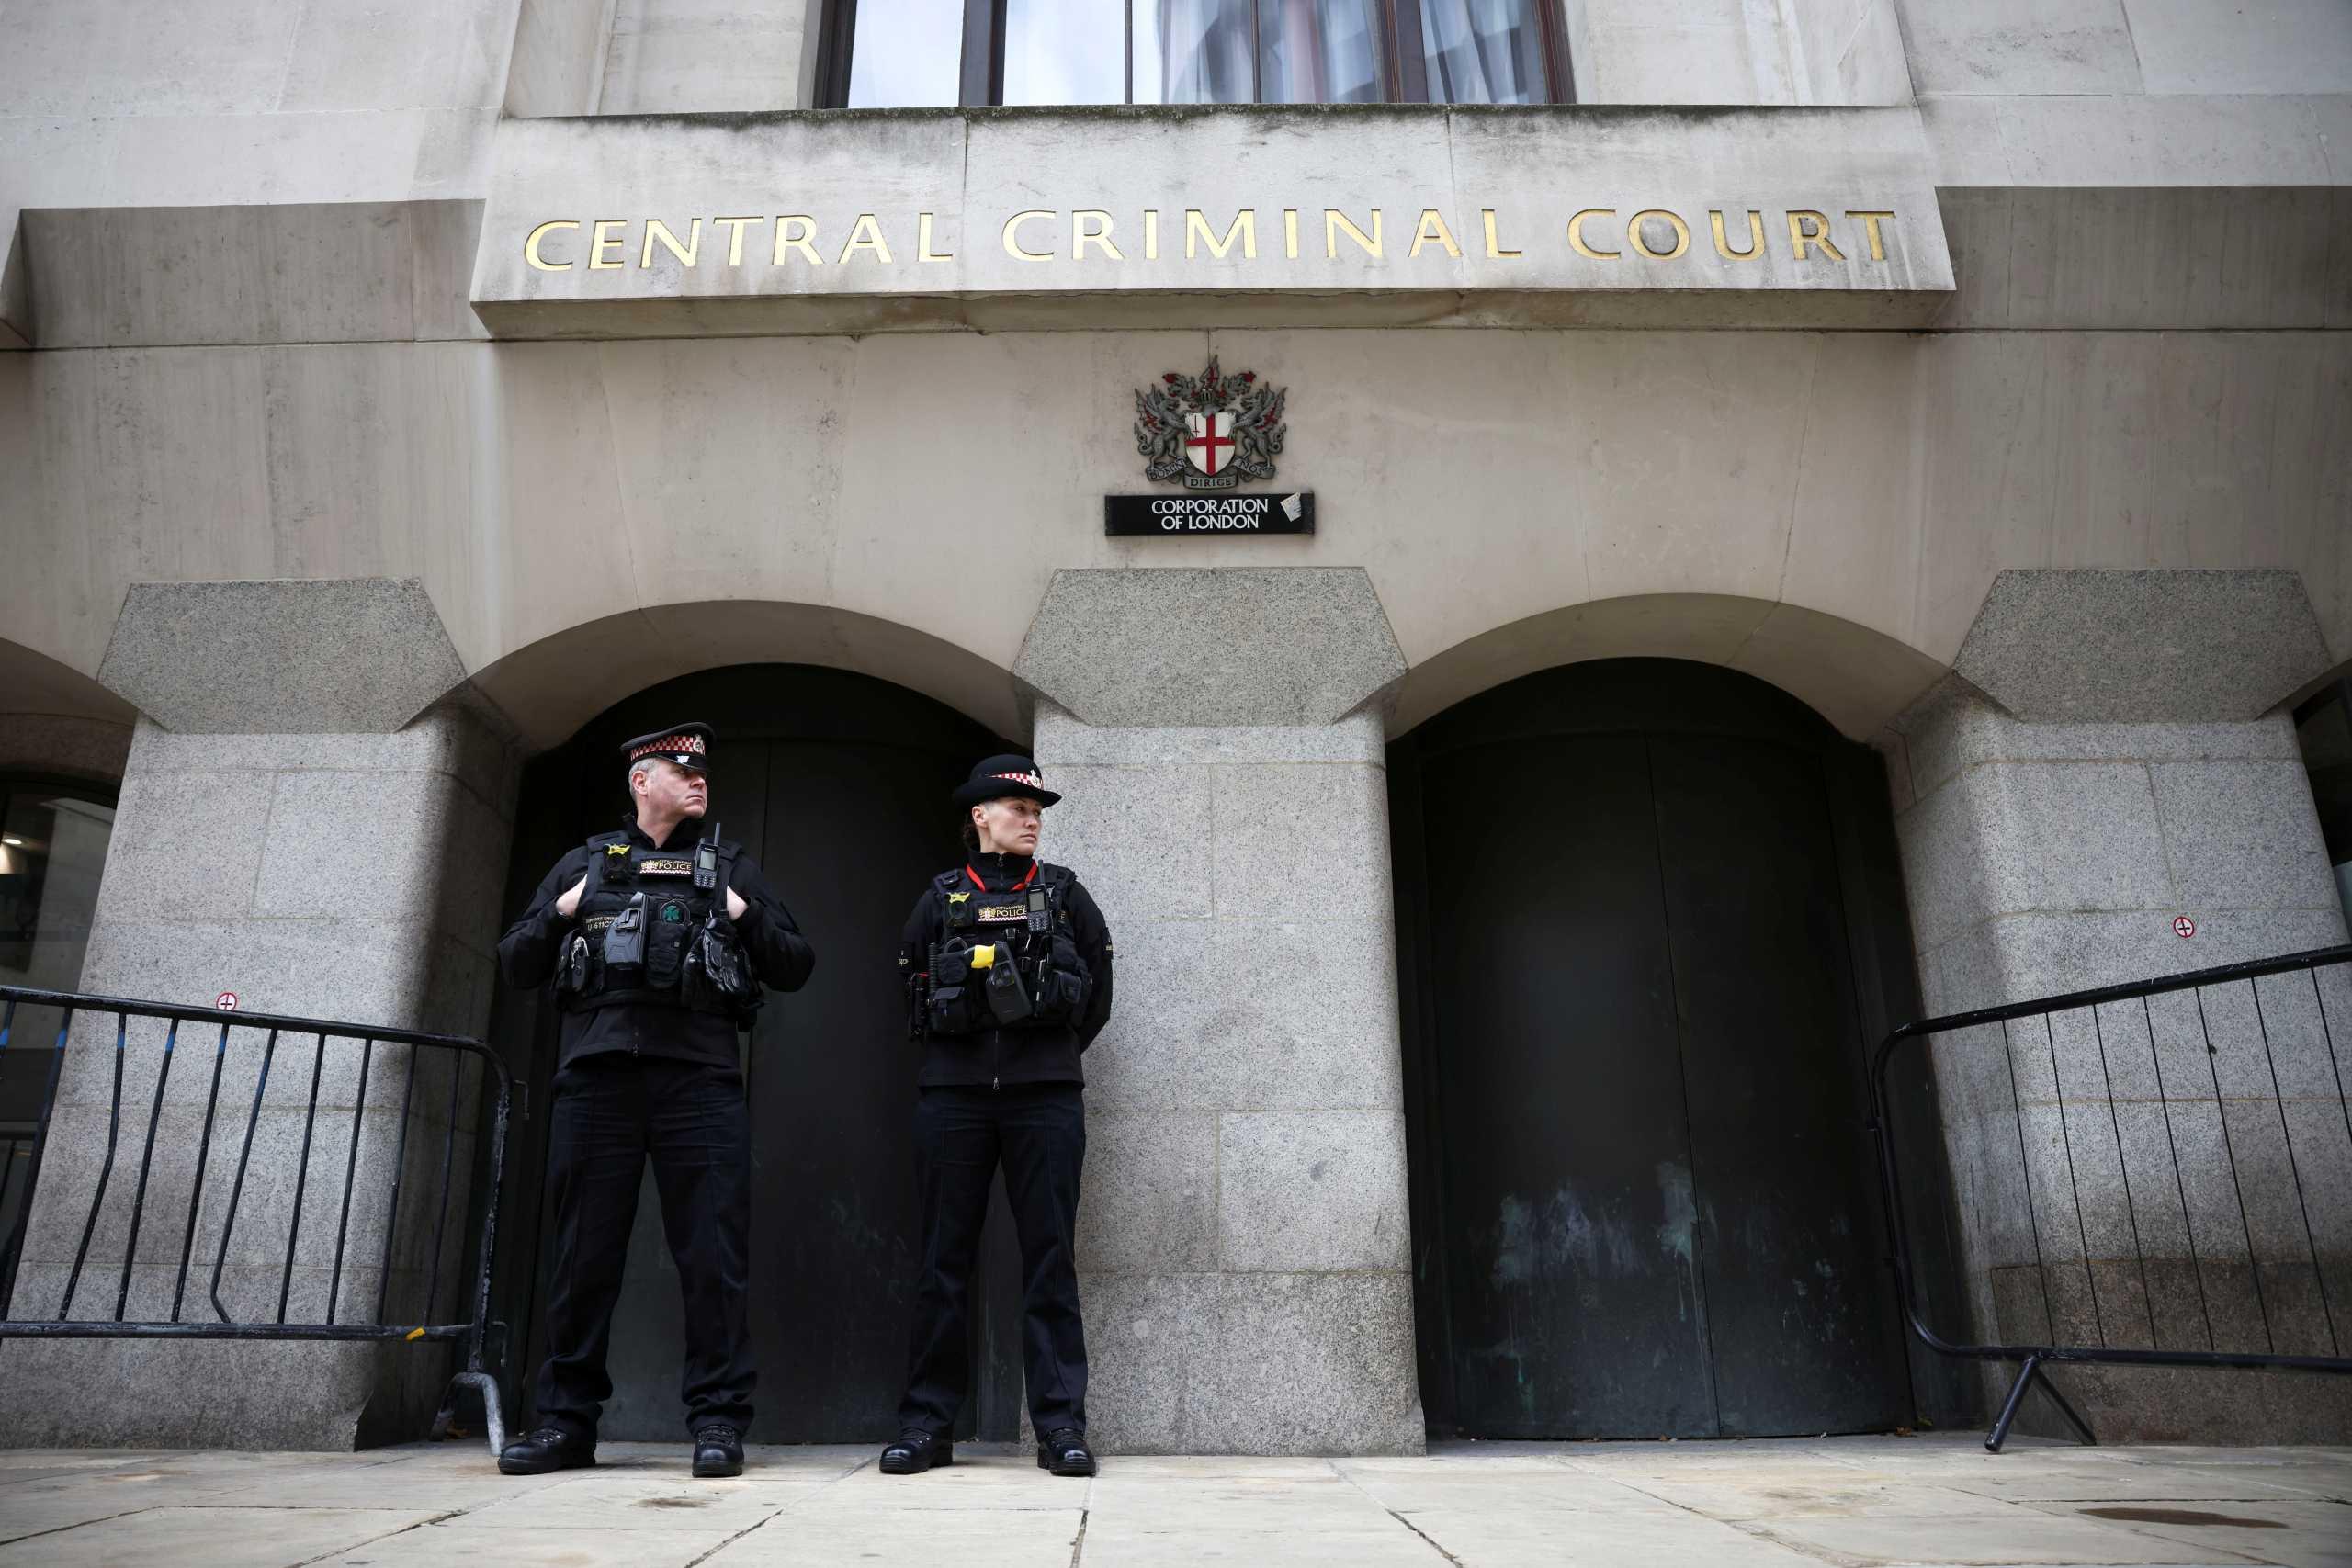 Βρετανία: Ισόβια στον αστυνομικό που σκότωσε την Σάρα Έβεραρντ